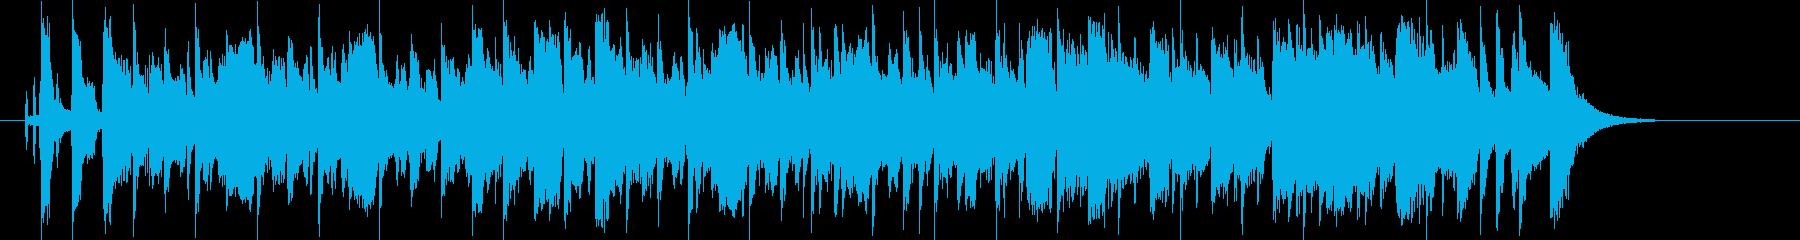 軽快で明るく可憐なシンセポップジングルの再生済みの波形